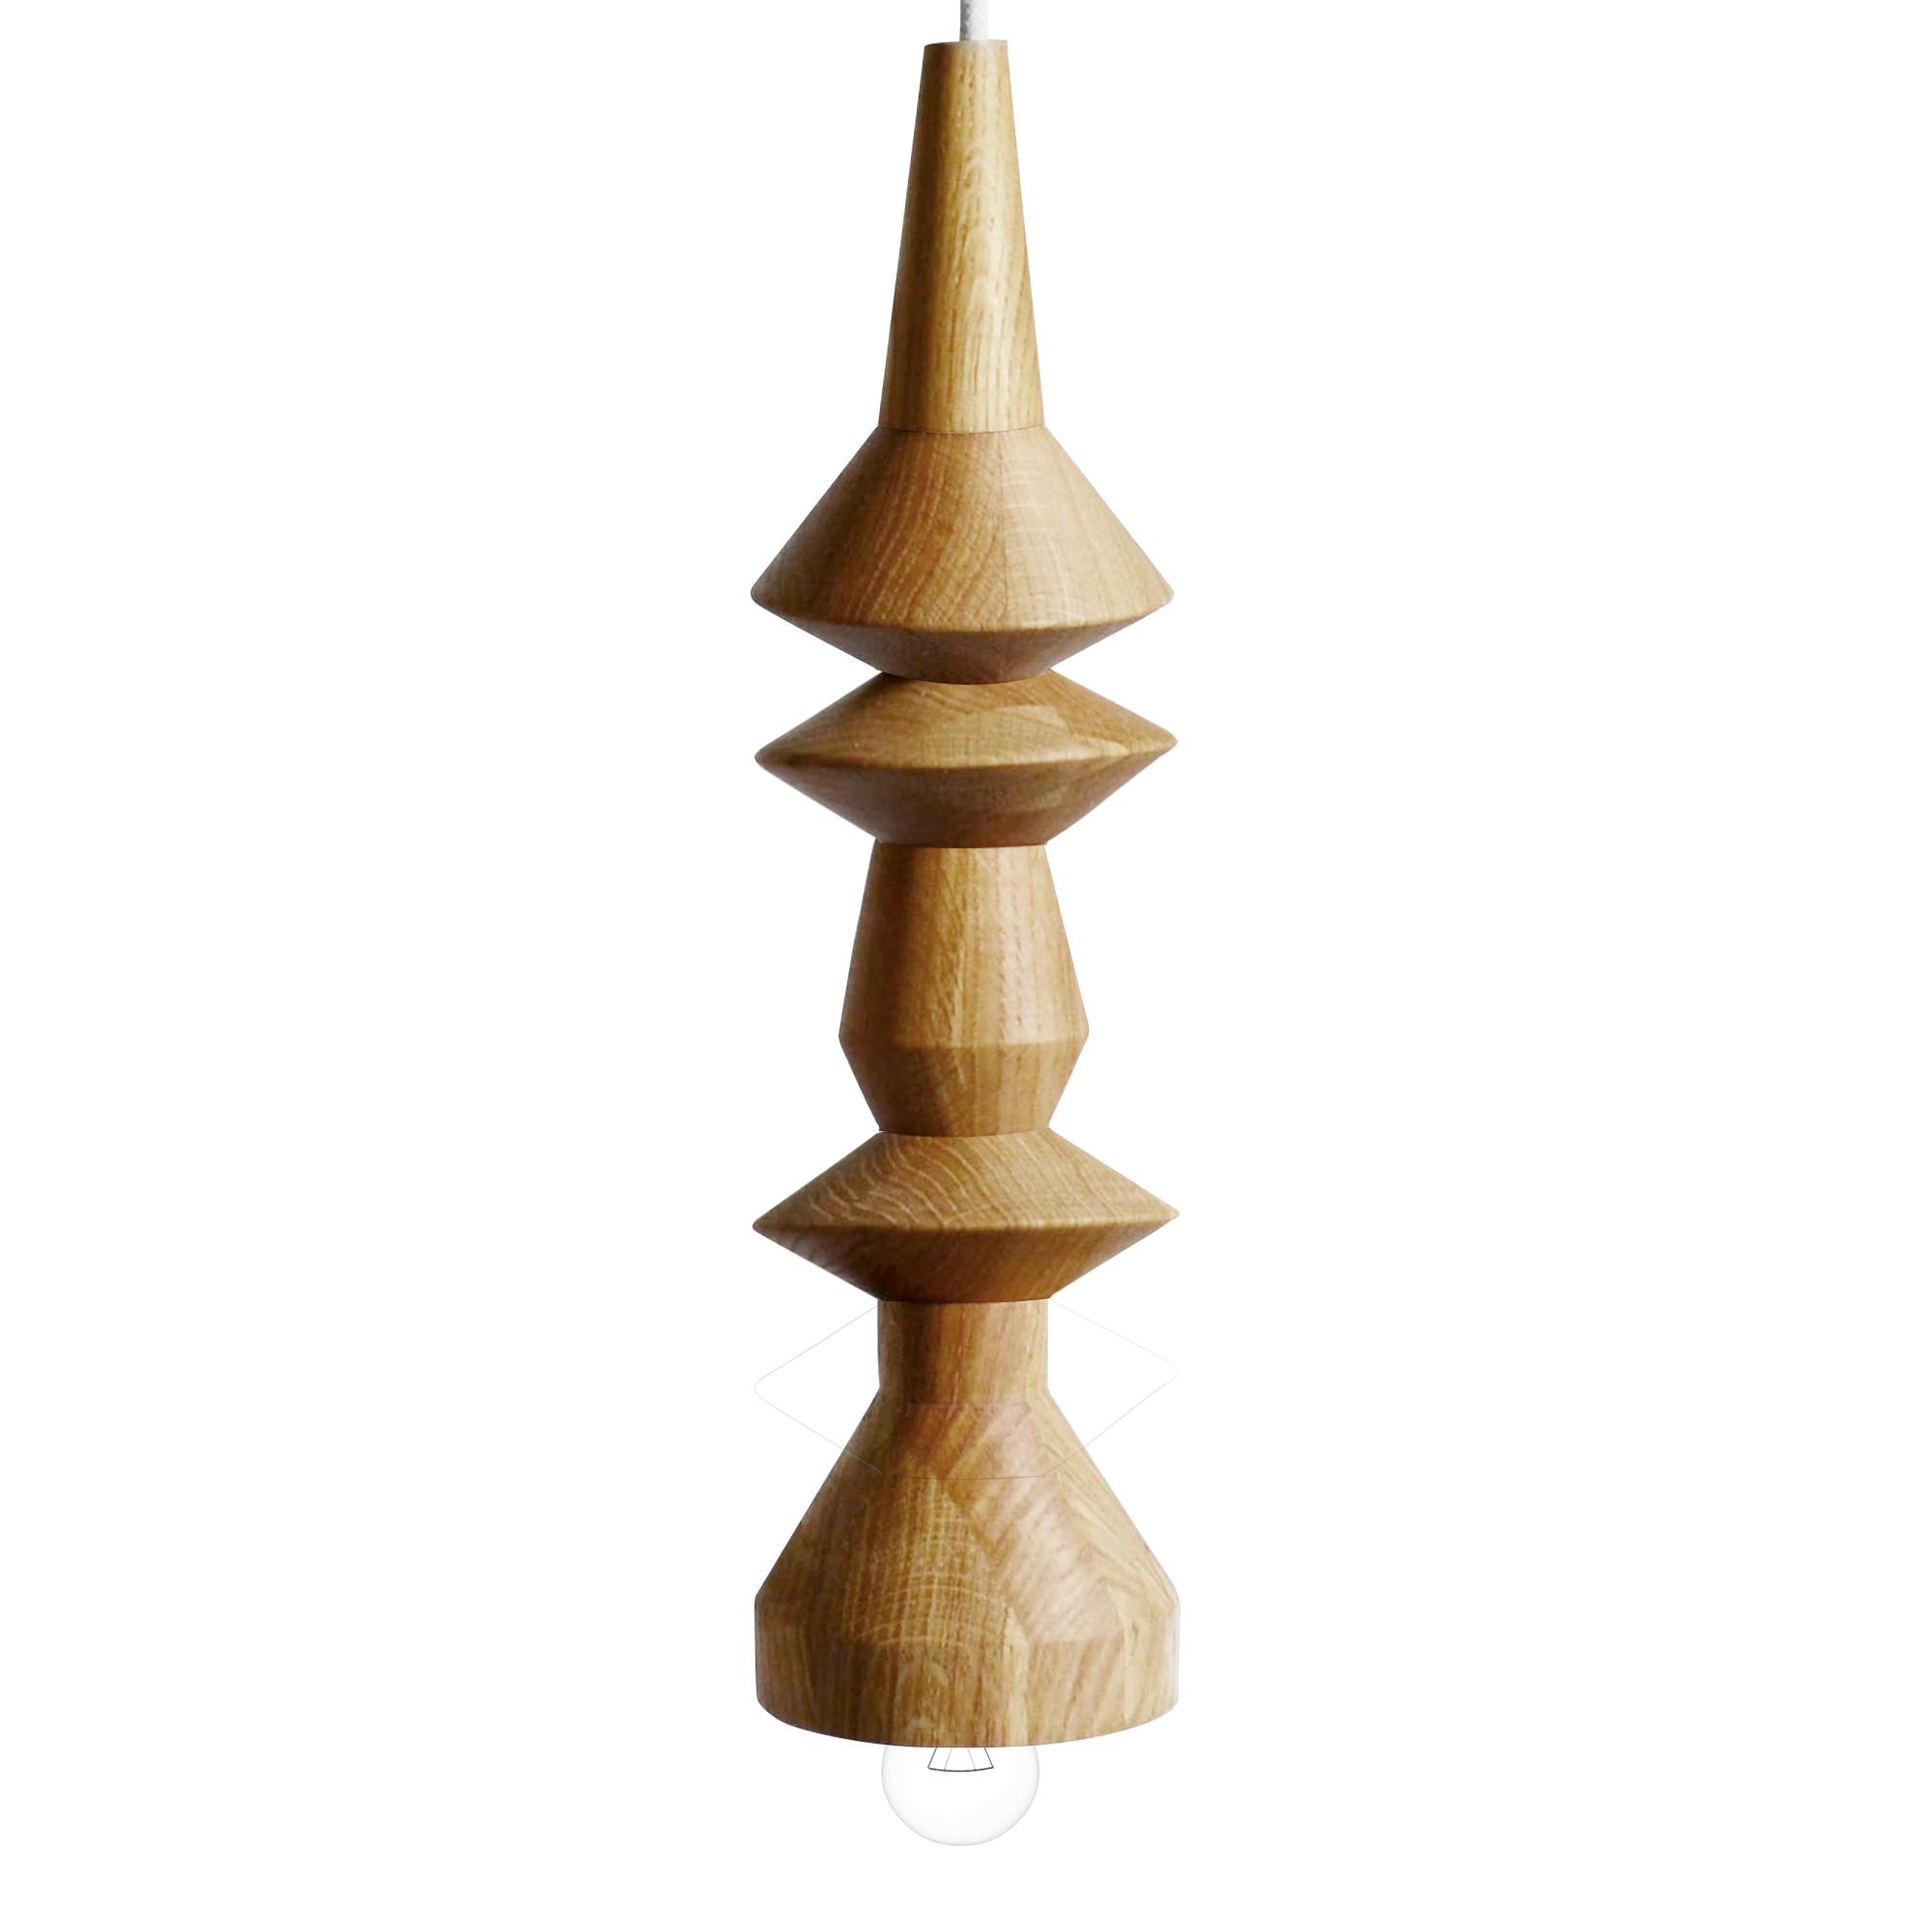 Lampa Tralinka - Wykreuj lampę z odrobiną naszej pomocy! Sam możesz dobierać kolory i zestawiać je ze sobą w różnych modułach. Moduły malujemy ręcznie farbami akrylowymi. Jedna lampa to aż 8 różnych możliwości. W zależności od potrzeb i upodobań, sam możesz stworzyć własną kompozycję.